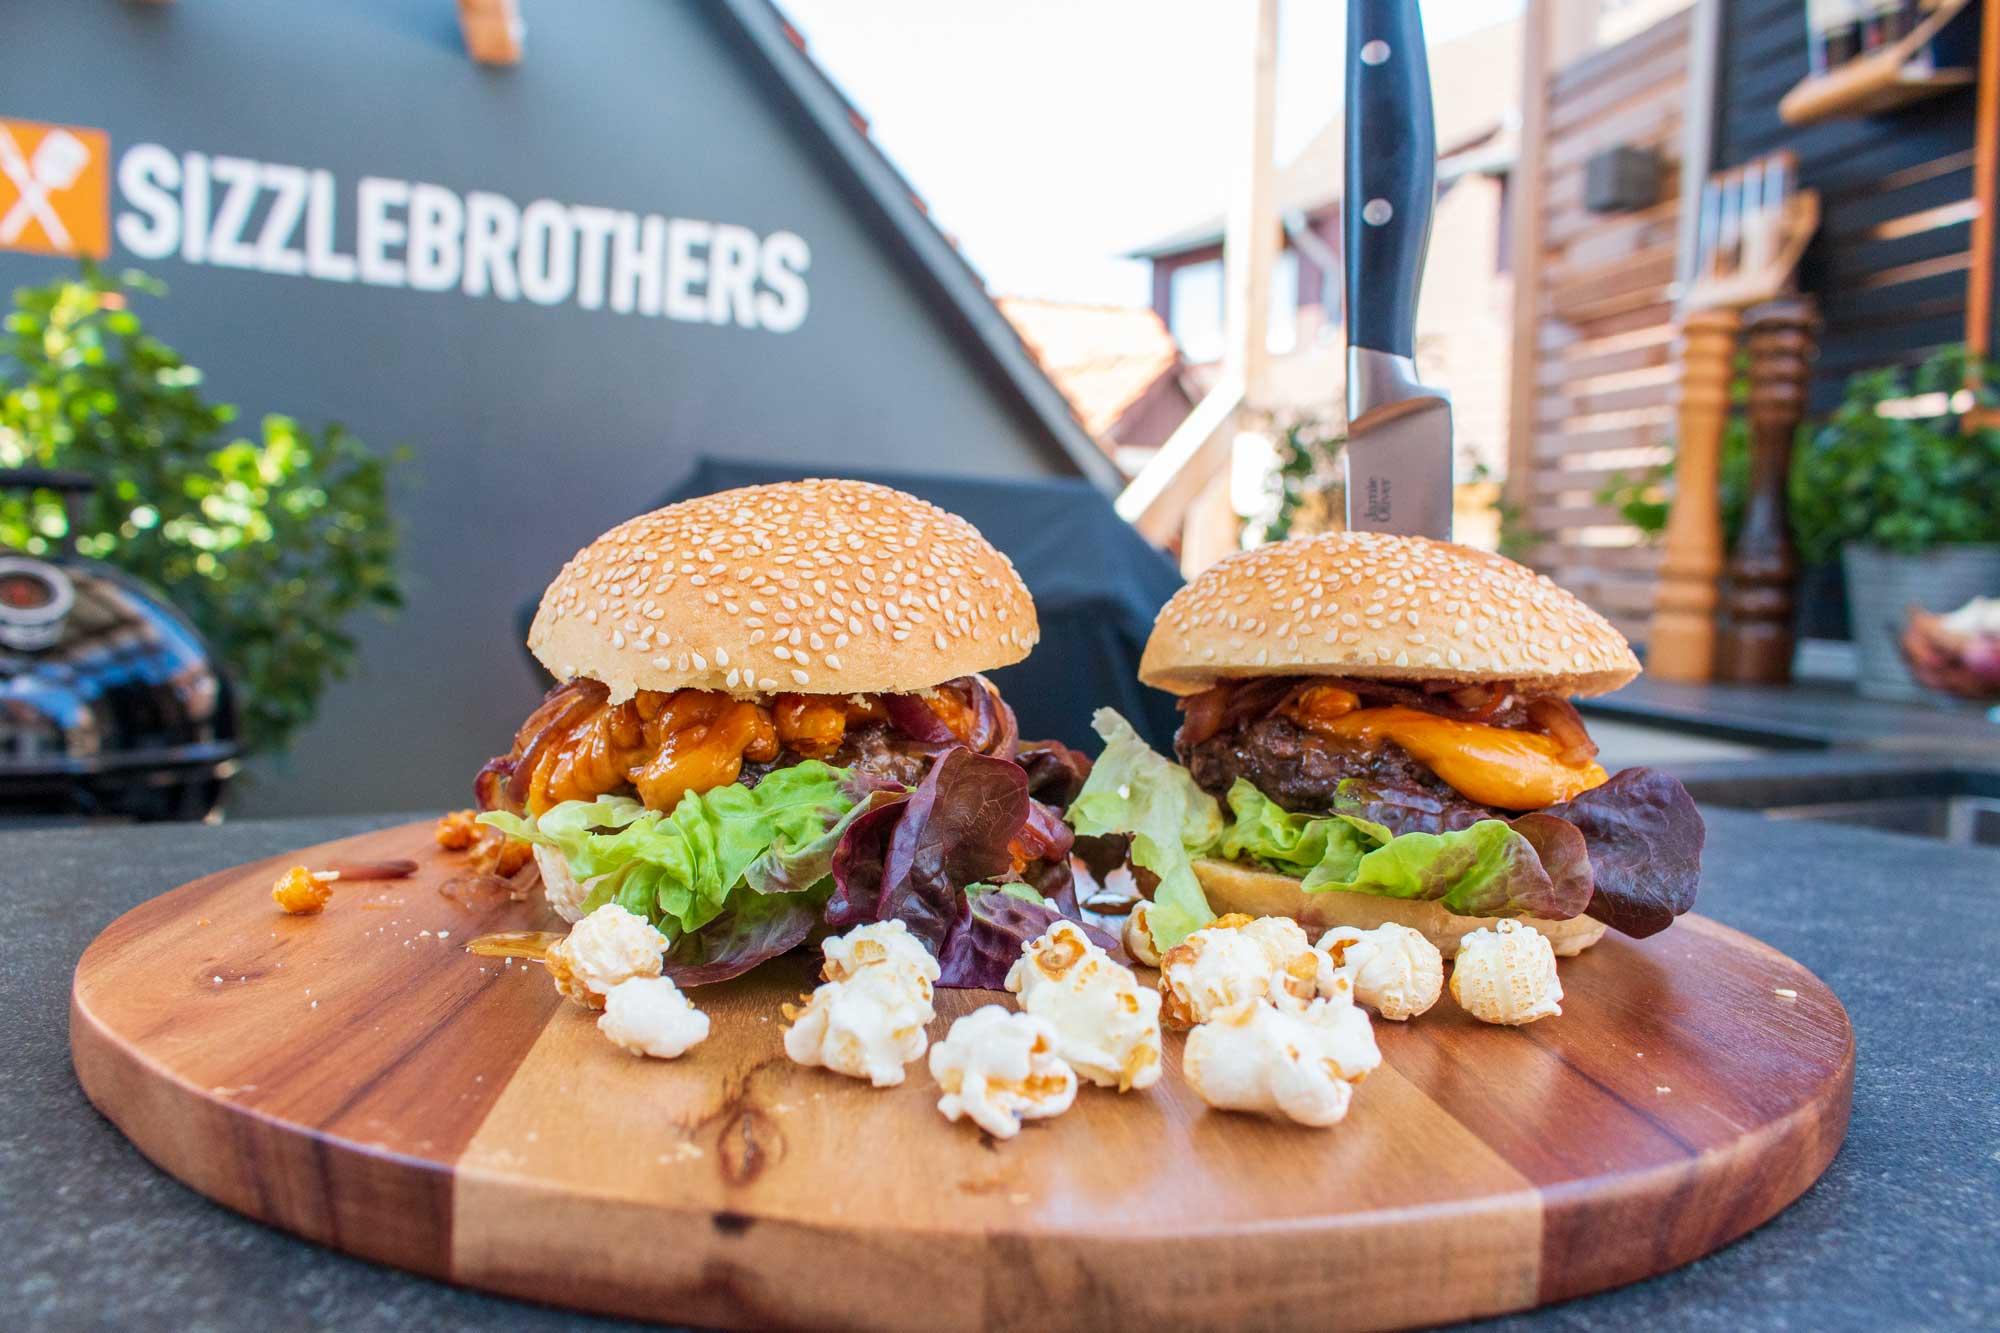 Der Kinoburger – Burger mit Popcorn, Cola und Käse